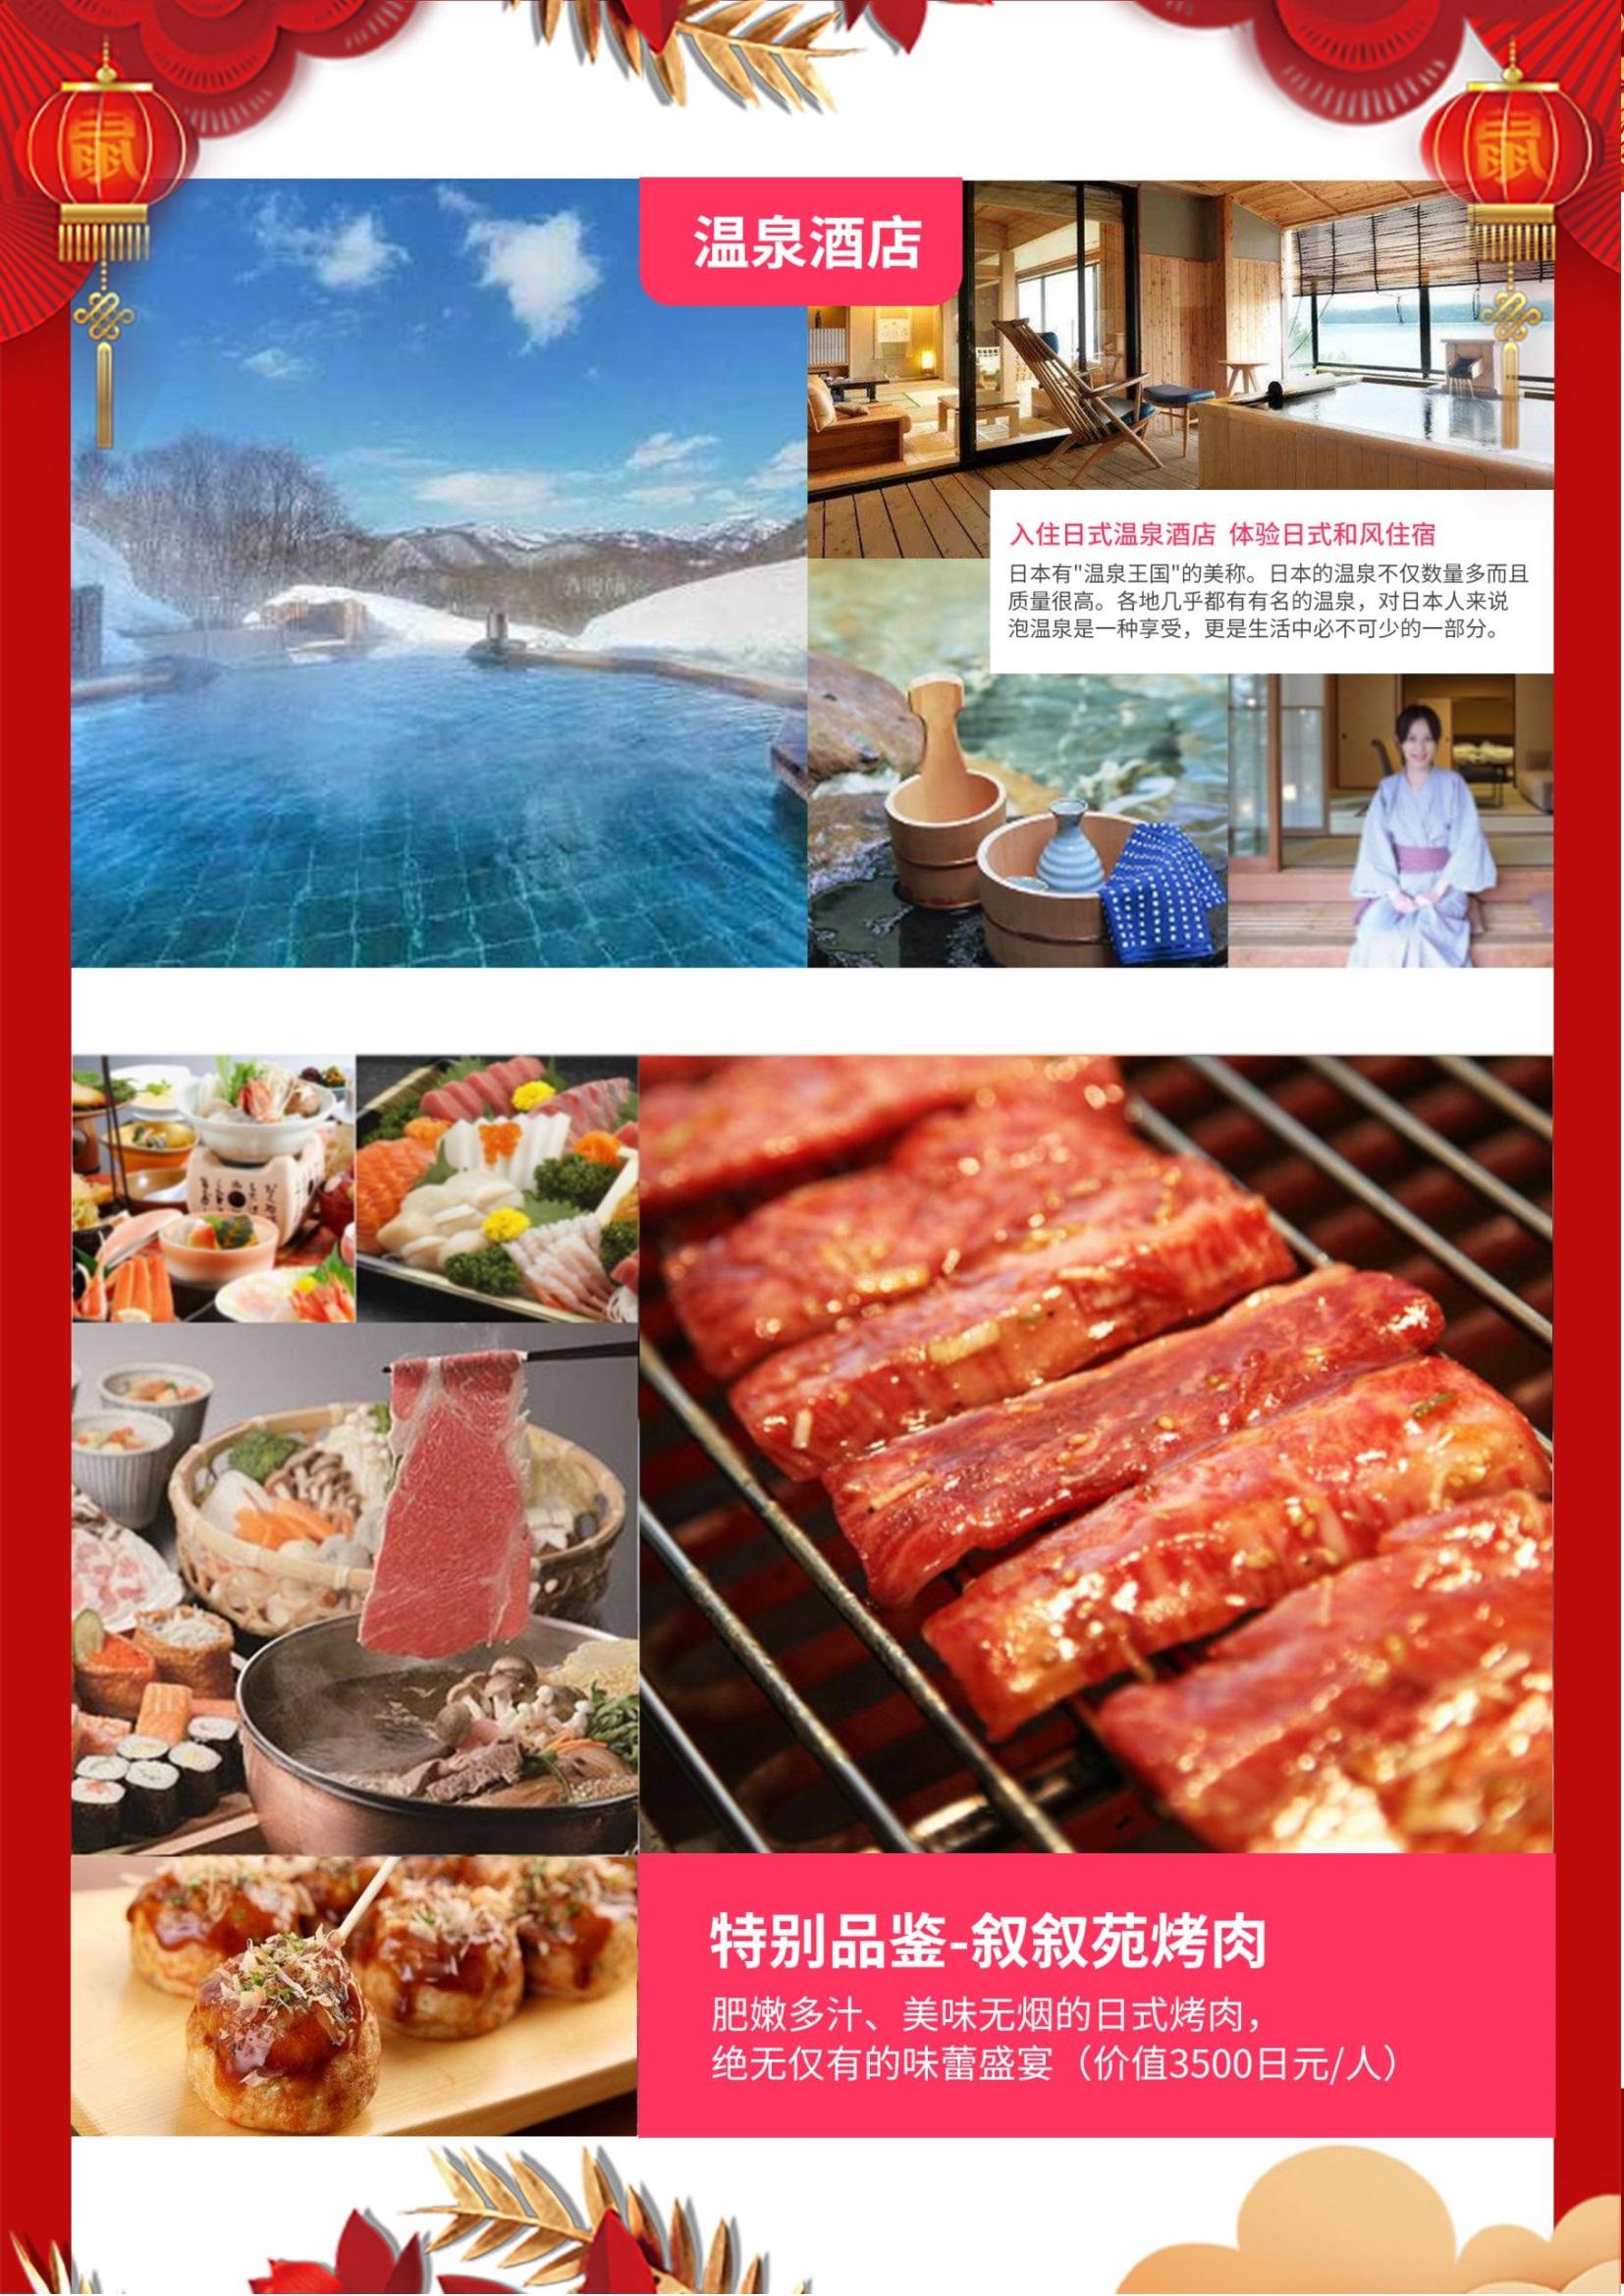 新春送福 (7).jpg